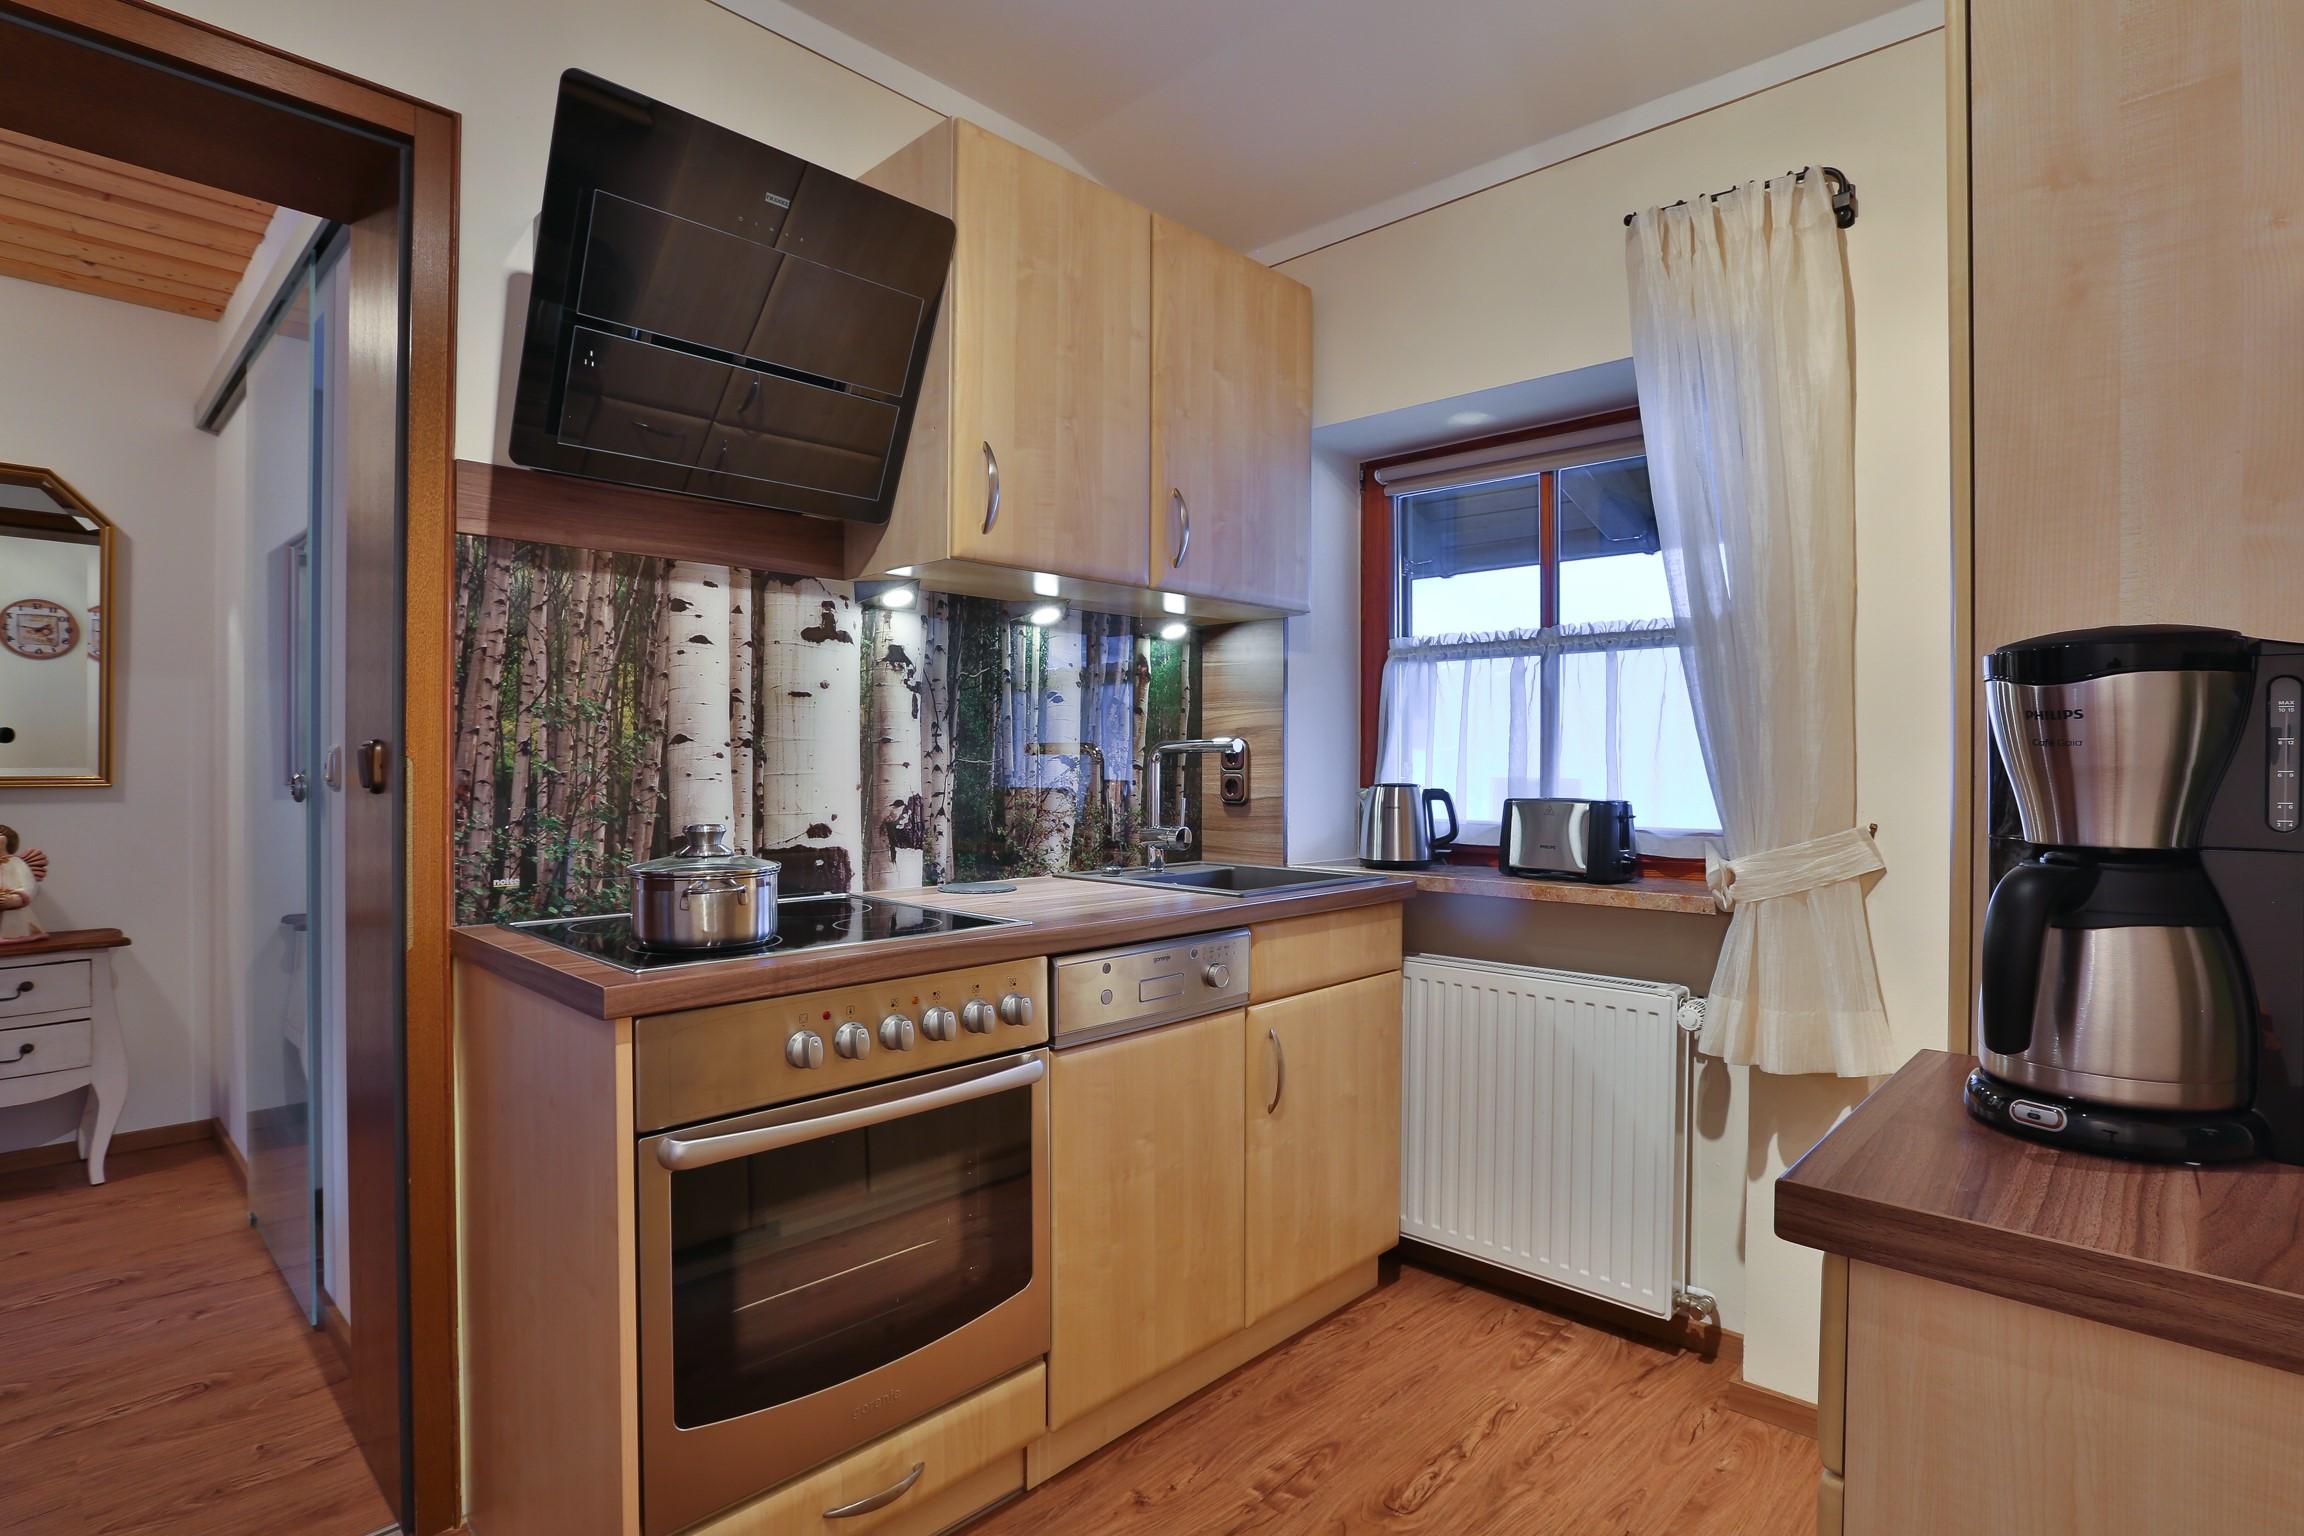 ferienwohnung ramsau g stehaus alexandra de ramsau ferienwohnung nr 1 1 2 personen 50 qm. Black Bedroom Furniture Sets. Home Design Ideas